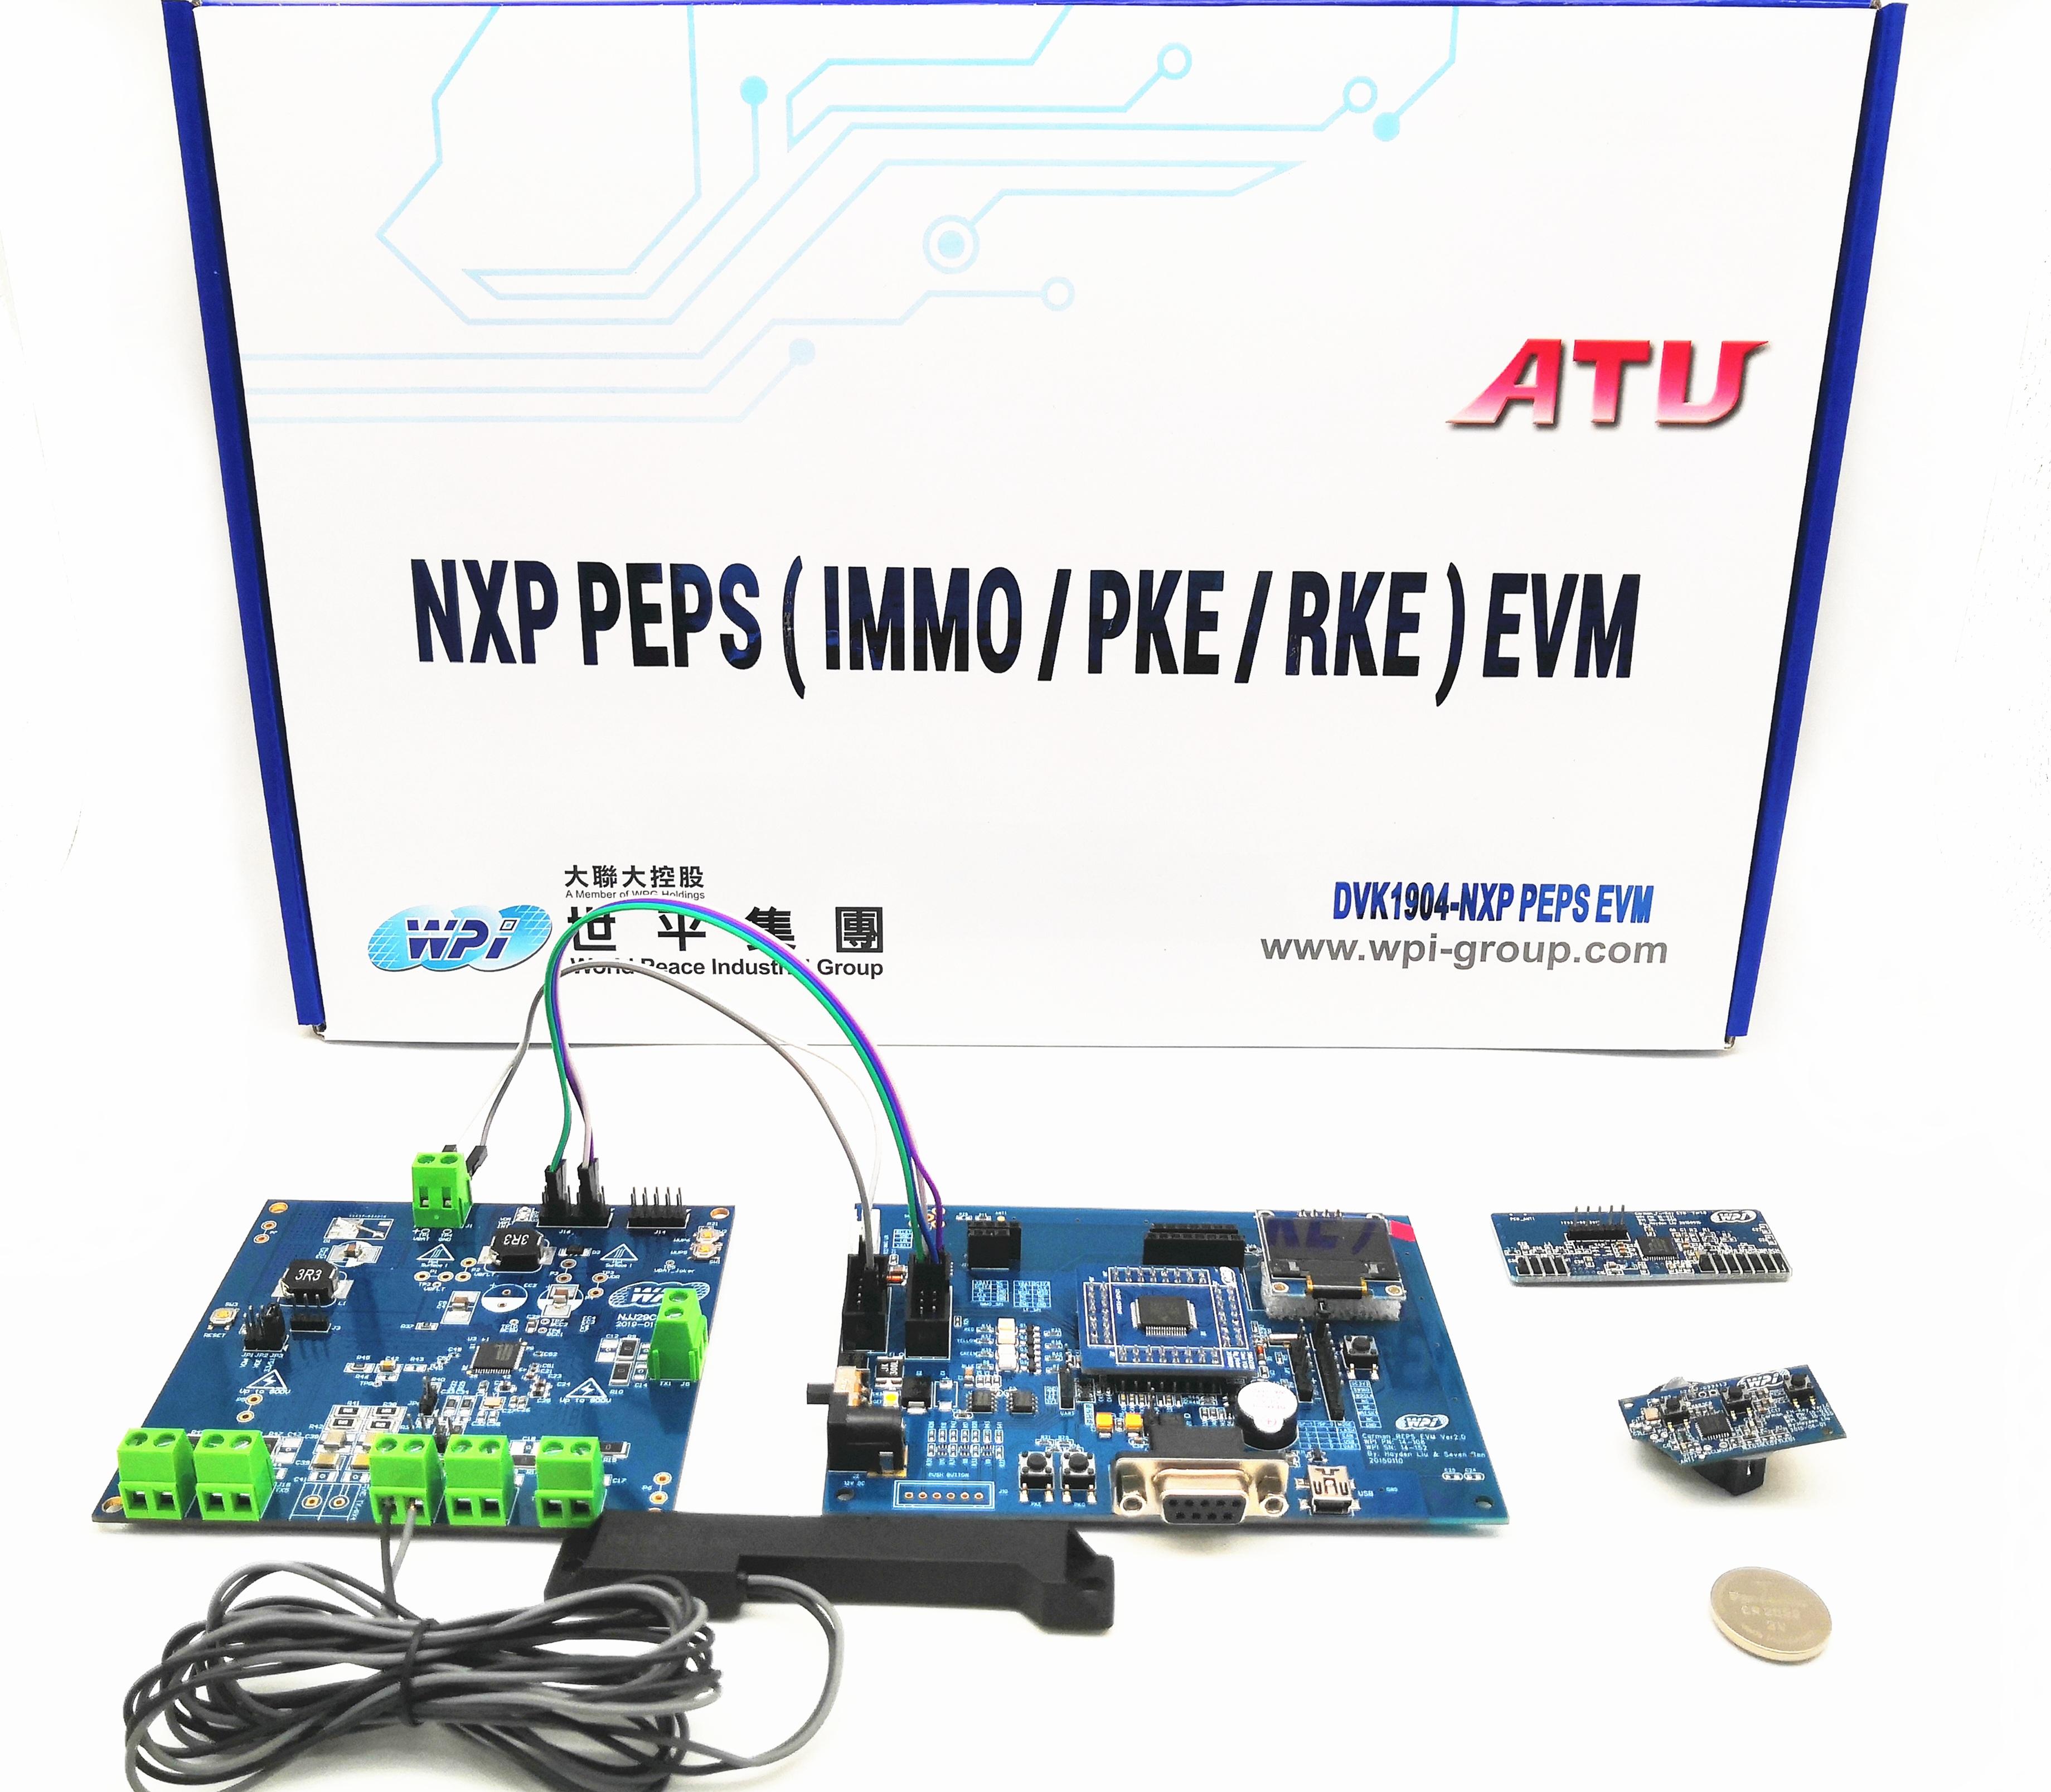 DVK1904-NXP PEPS EVM